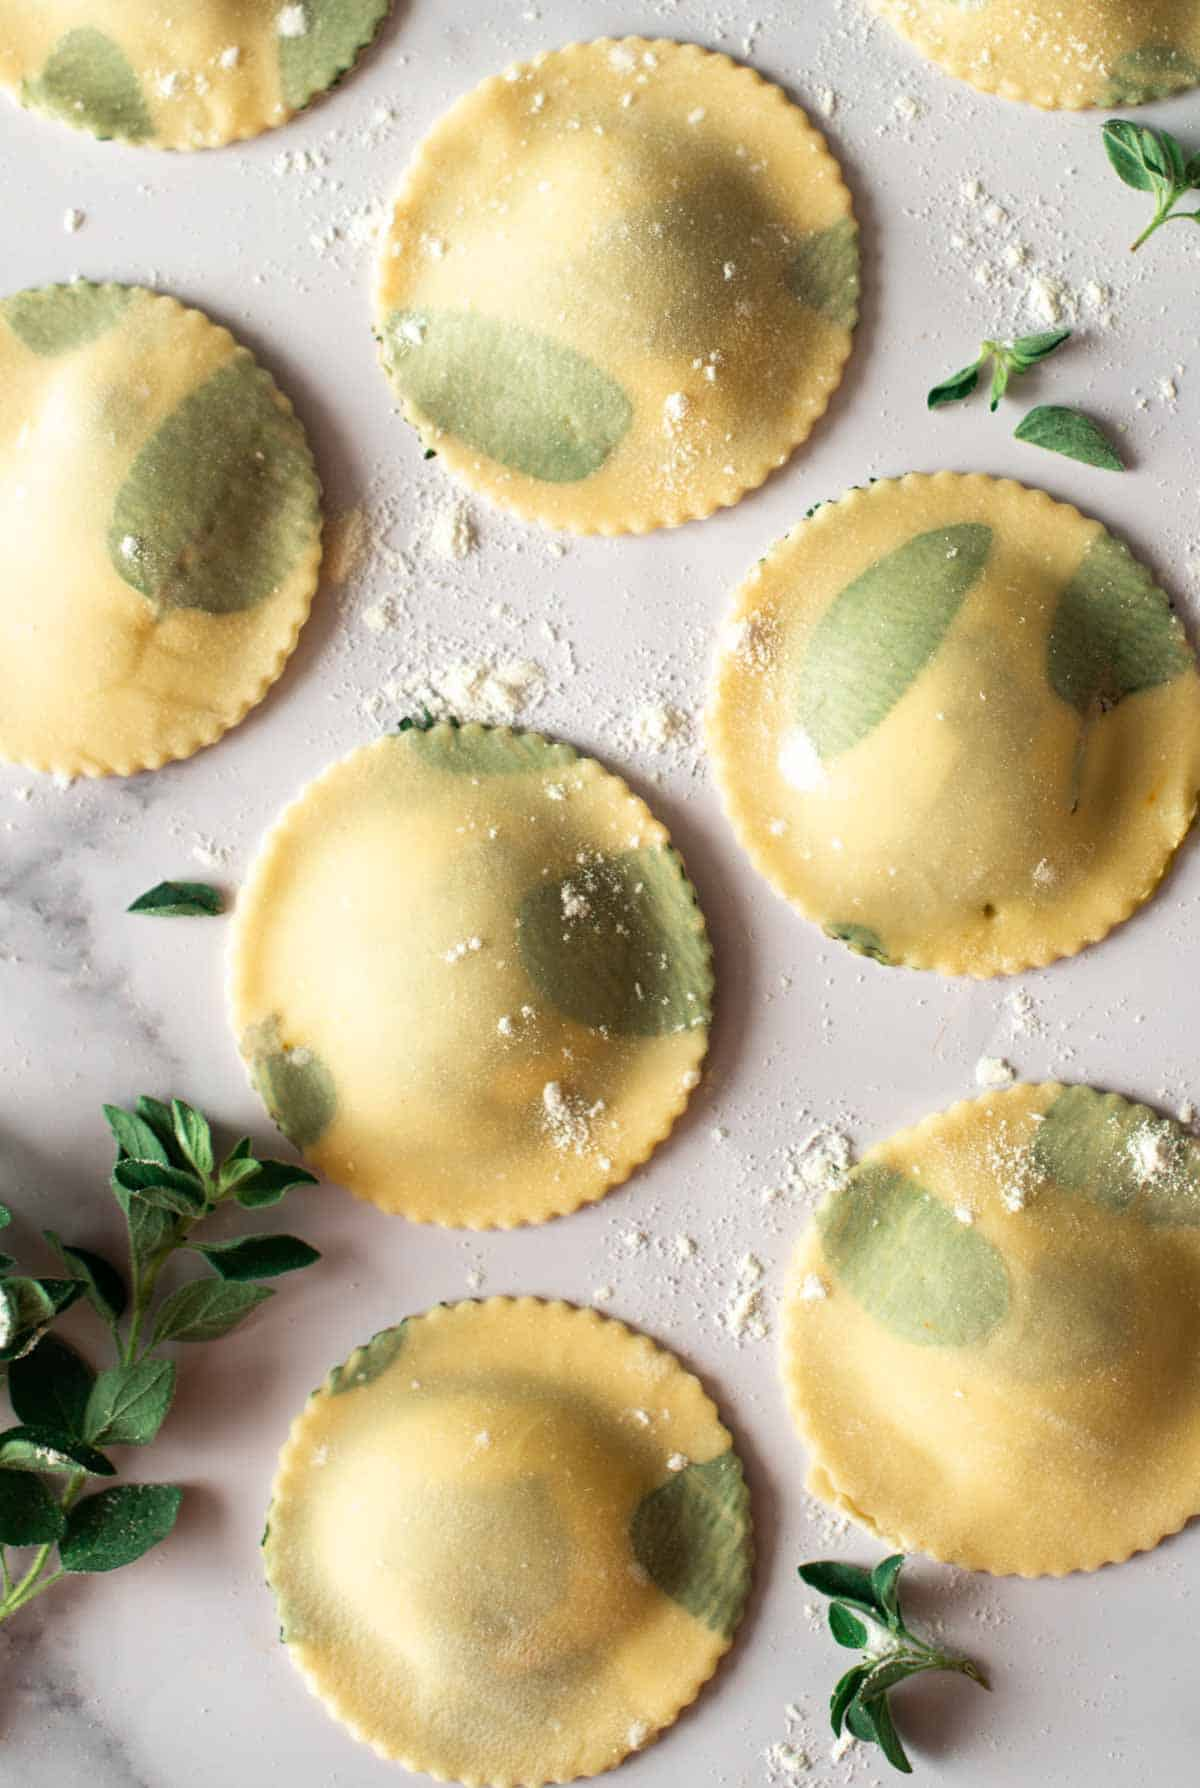 Image: pesto-cheese ravioli